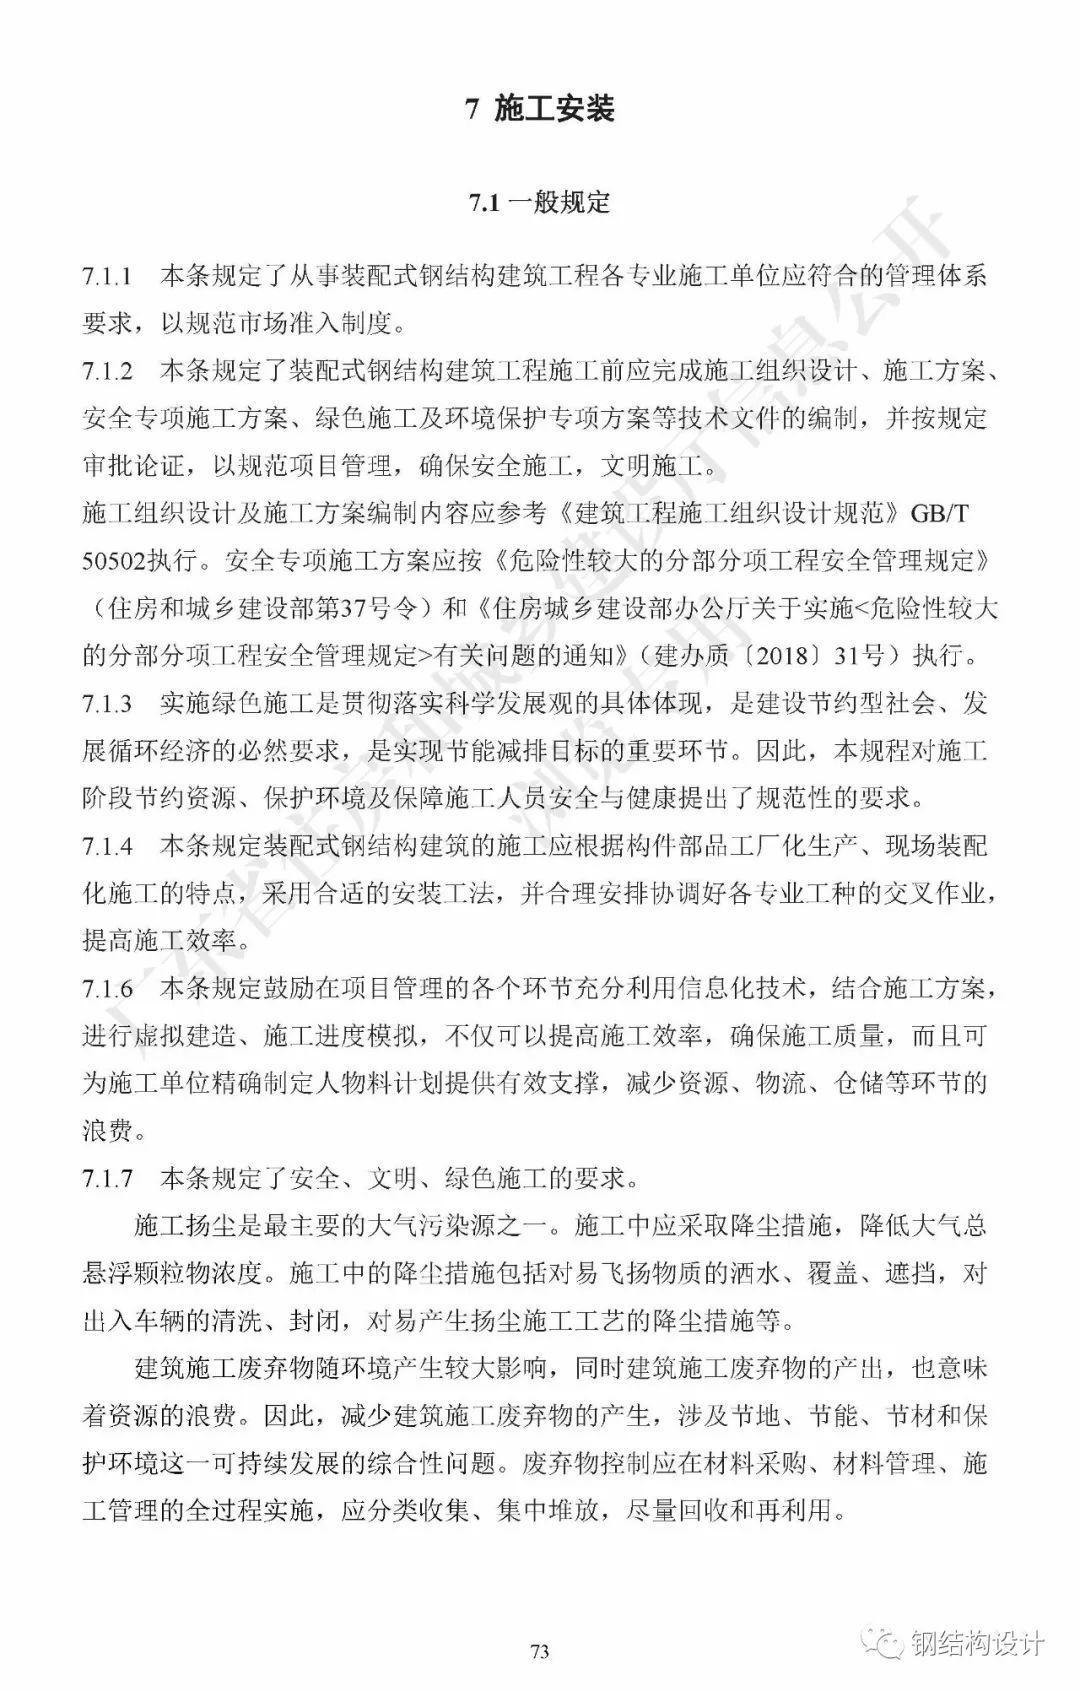 广东省《装配式钢结构建筑技术规程》发布_83